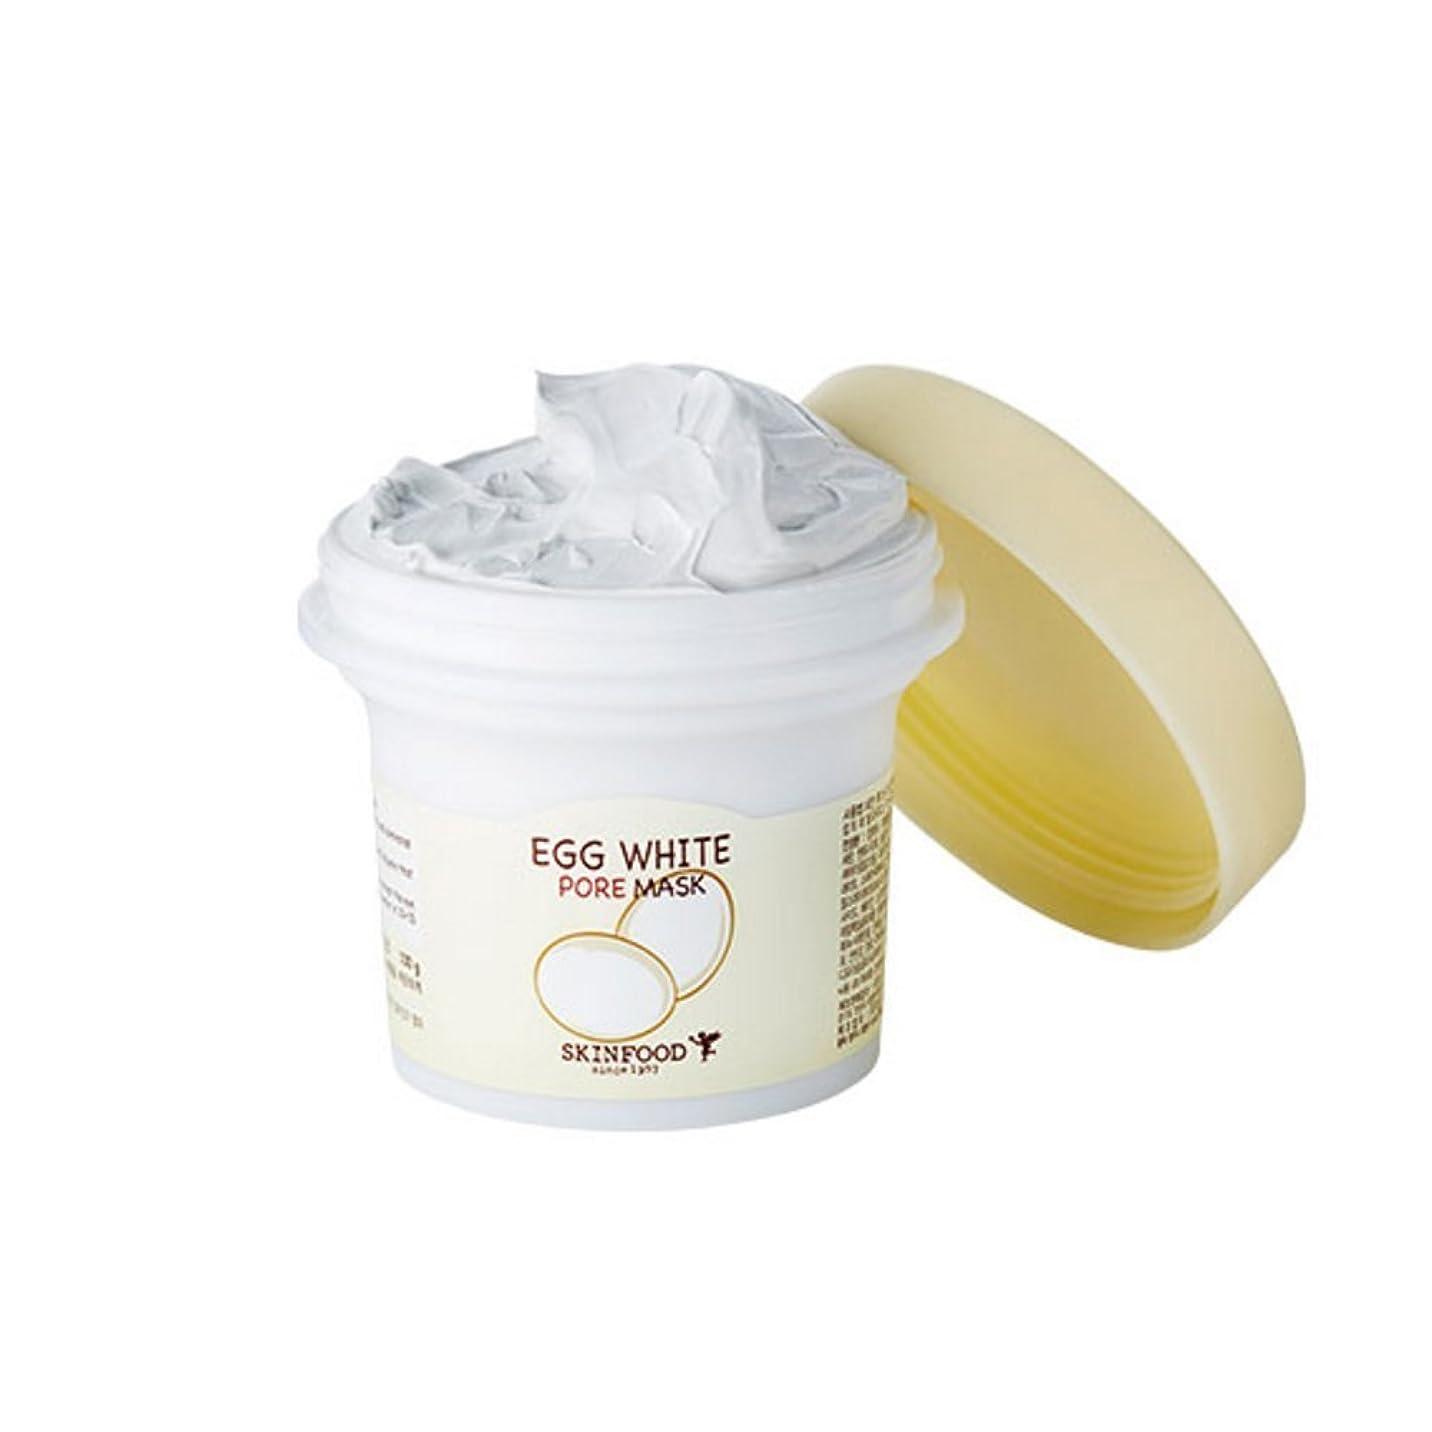 友だち殺人者パワーセル[スキンフード] SKINFOODエッグホワイトポアマスク Egg White Pore Mask Wash Off 125g [並行輸入品]